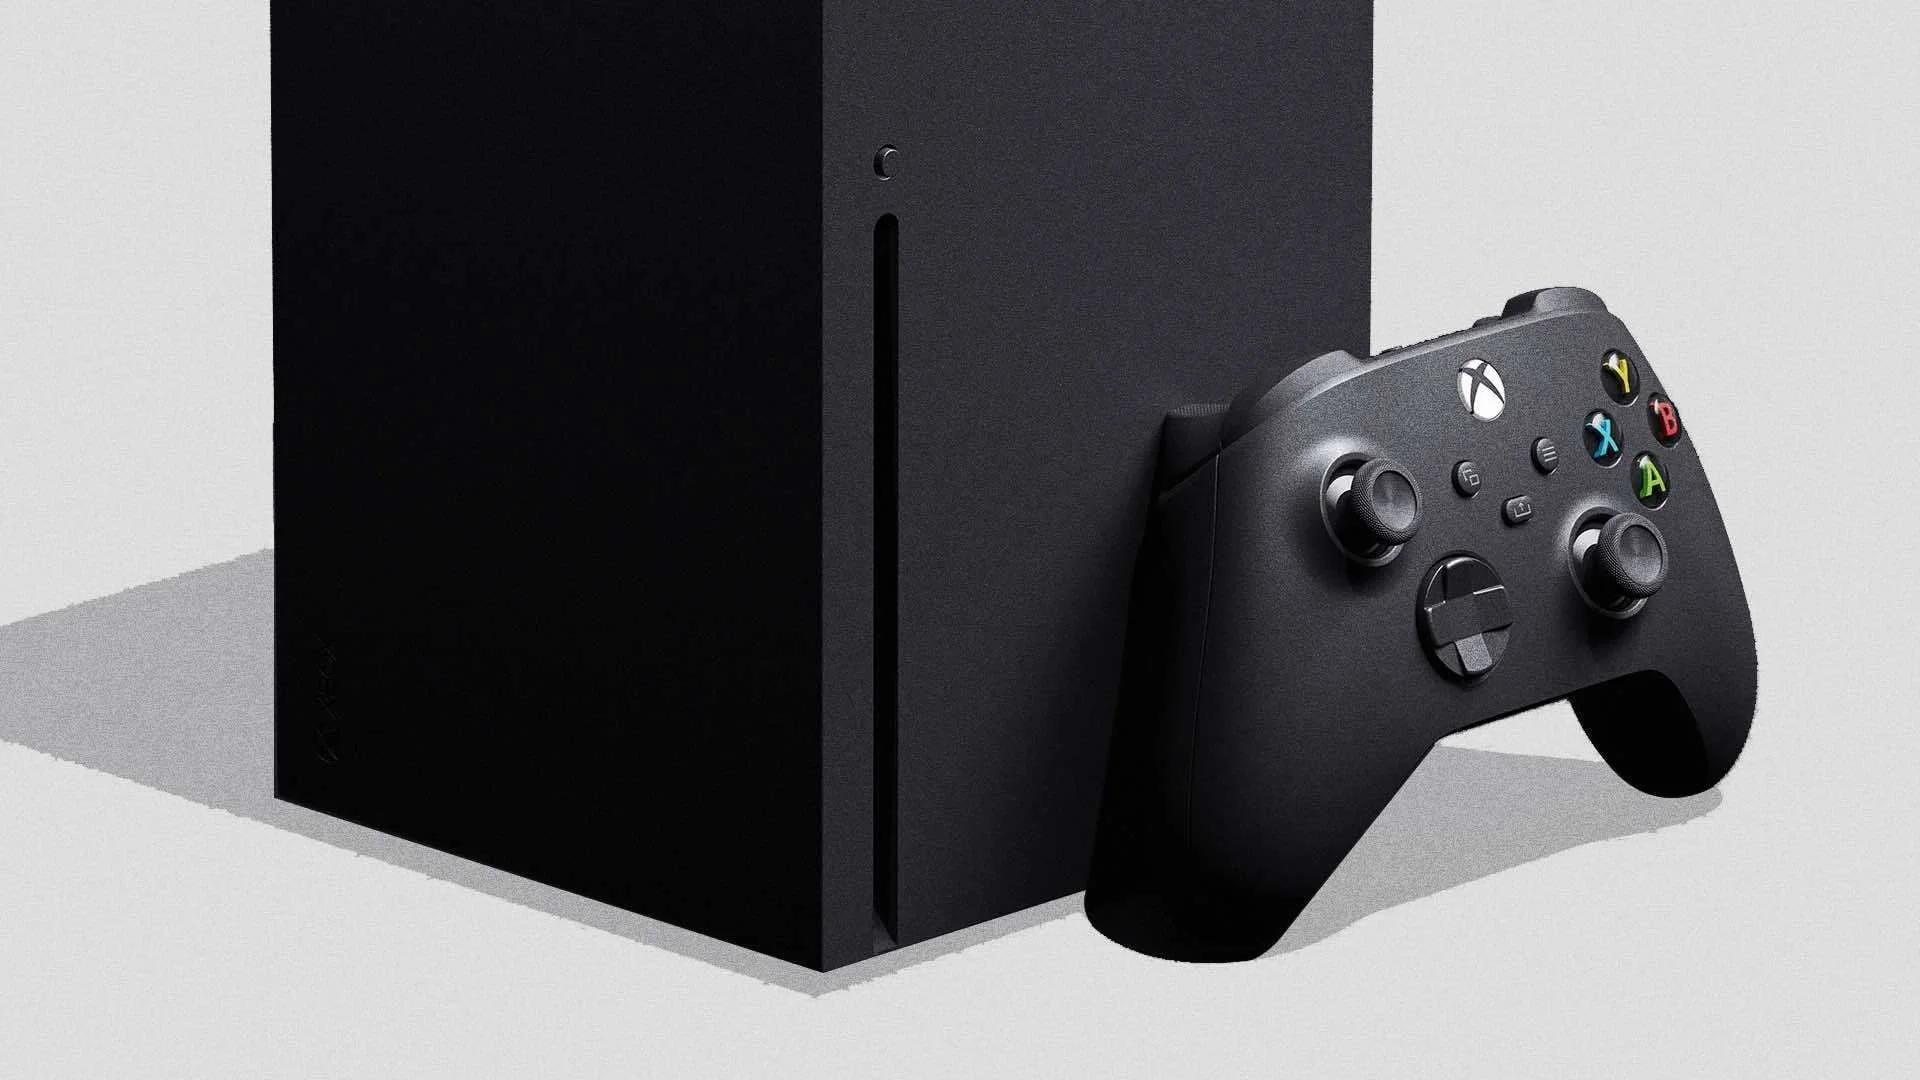 12 терафлопс, VRS, SSD, рейтрейсинг: объявлены новые особенности Xbox Series X